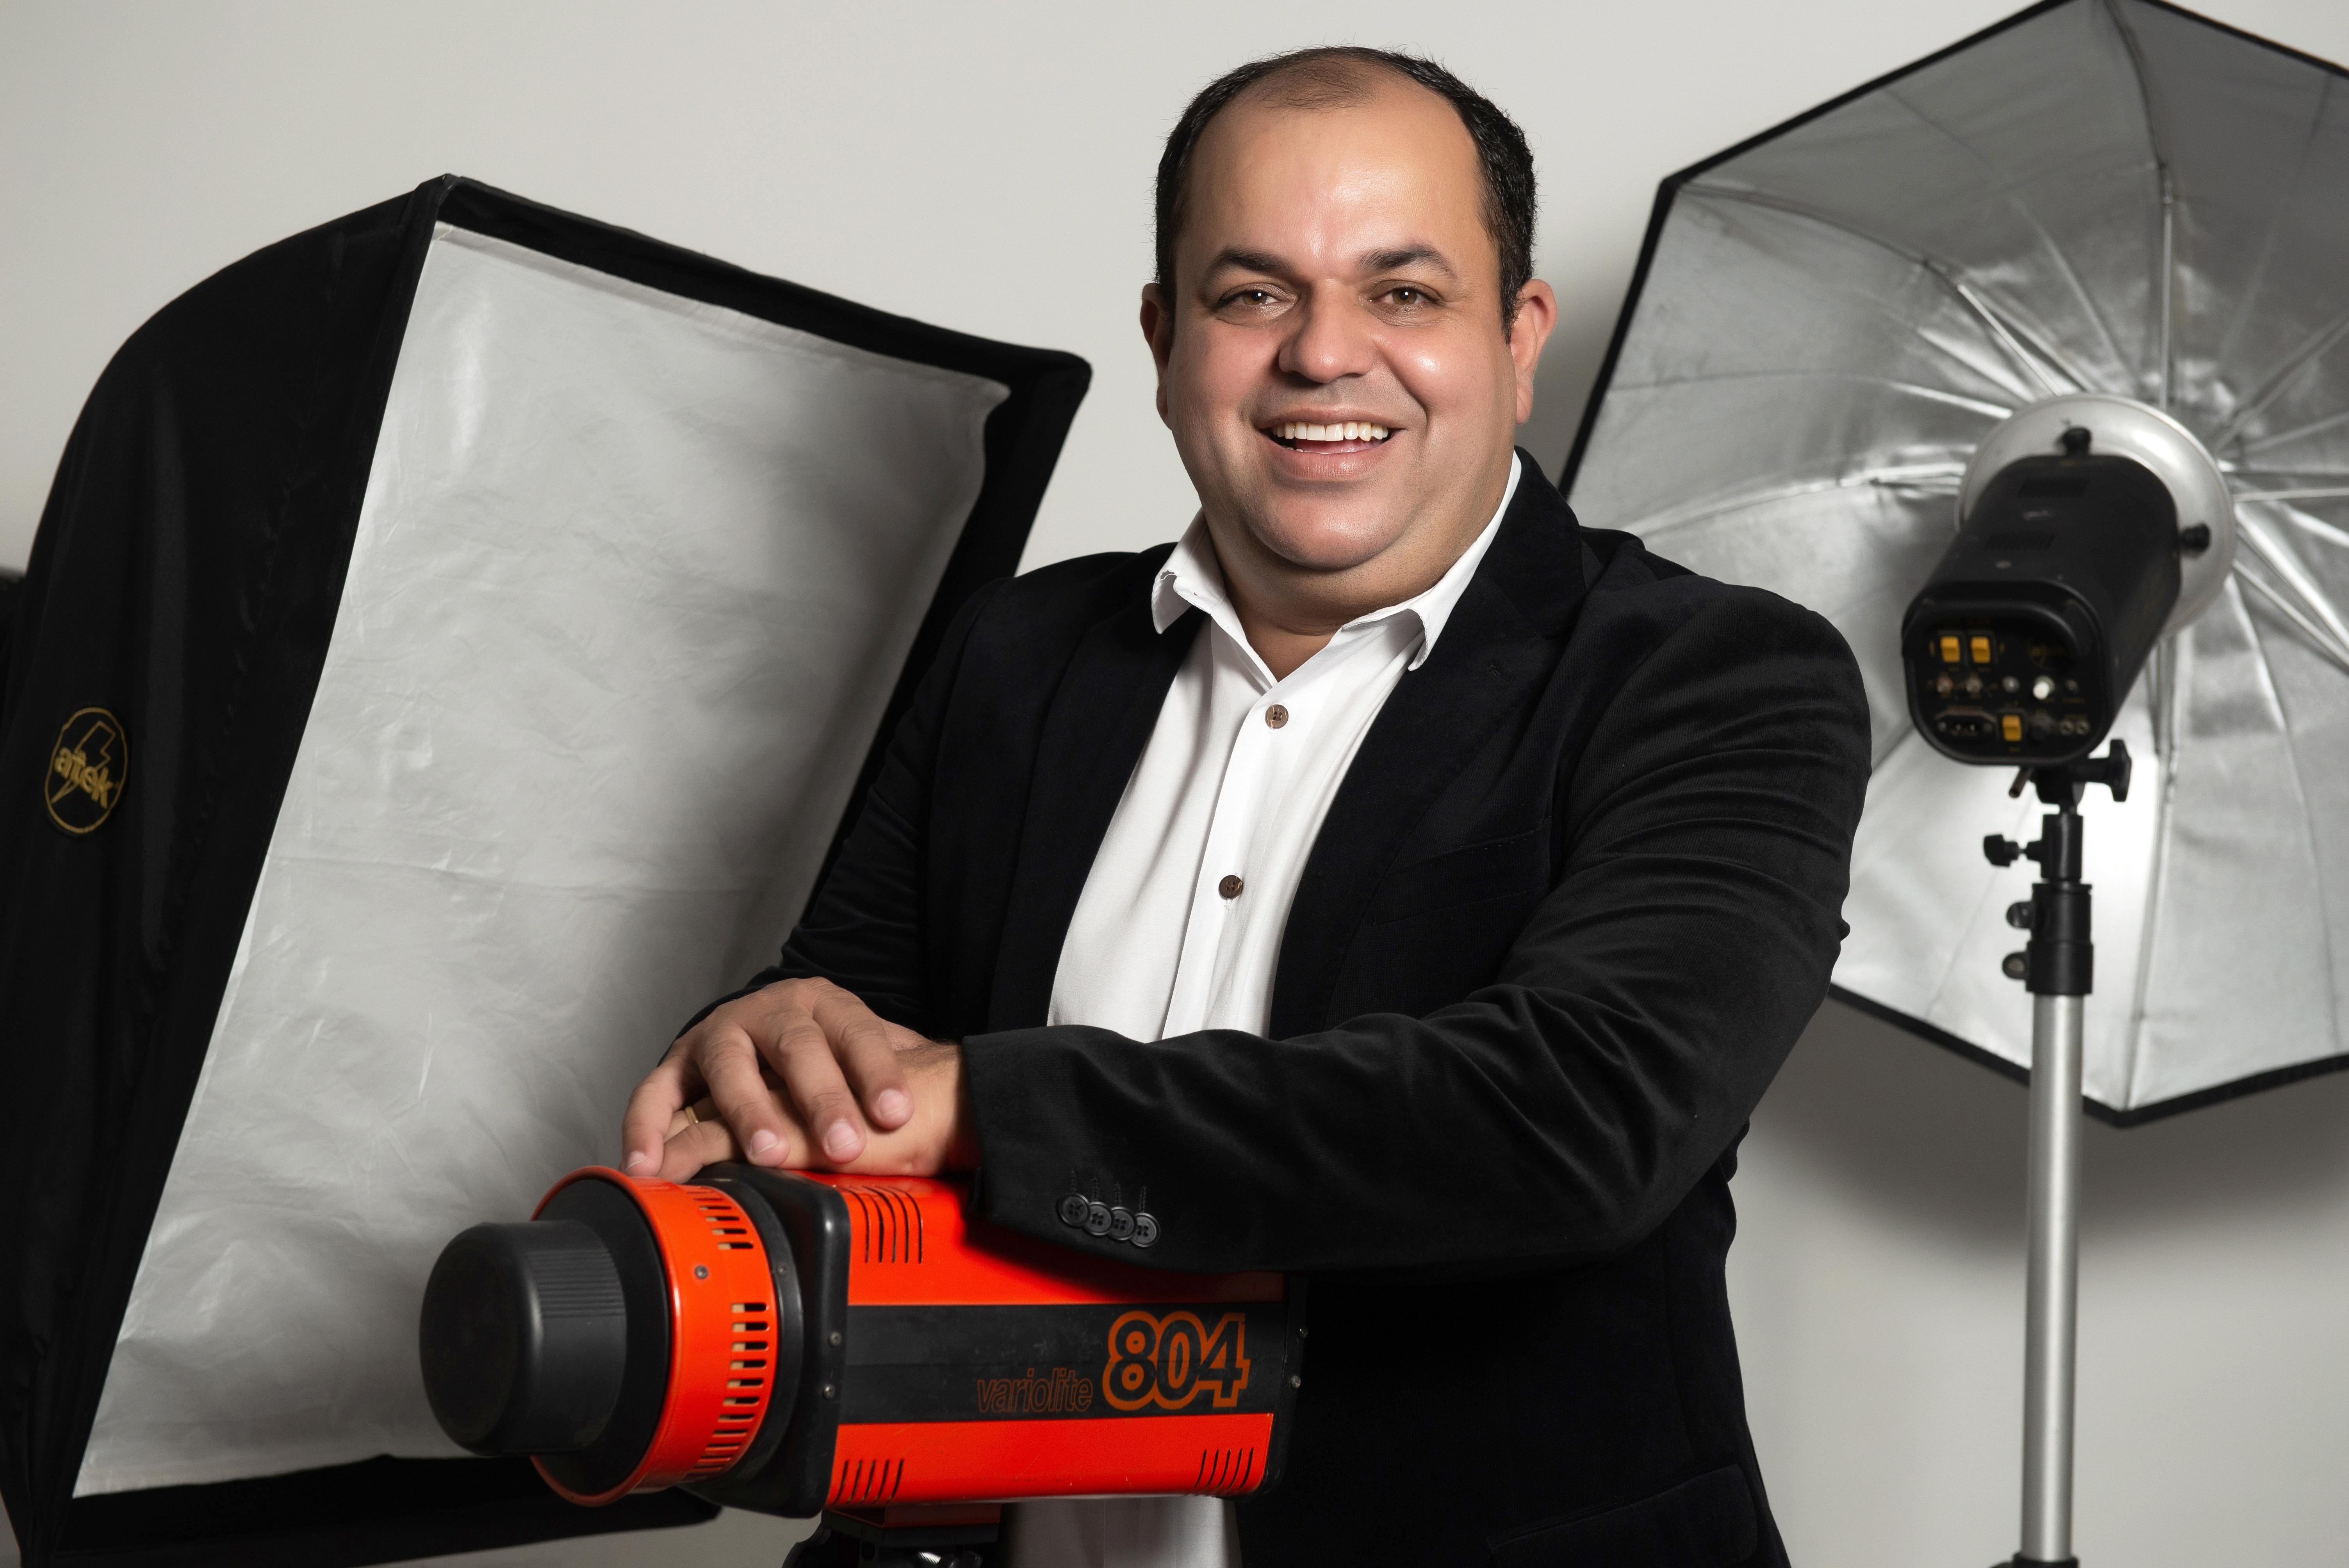 Sobre Cabine de fotos/ Fotografo/Ensaios Fotográficos/Studio- Santos - SP - Marcelo Fabiano Fotografia de Eventos